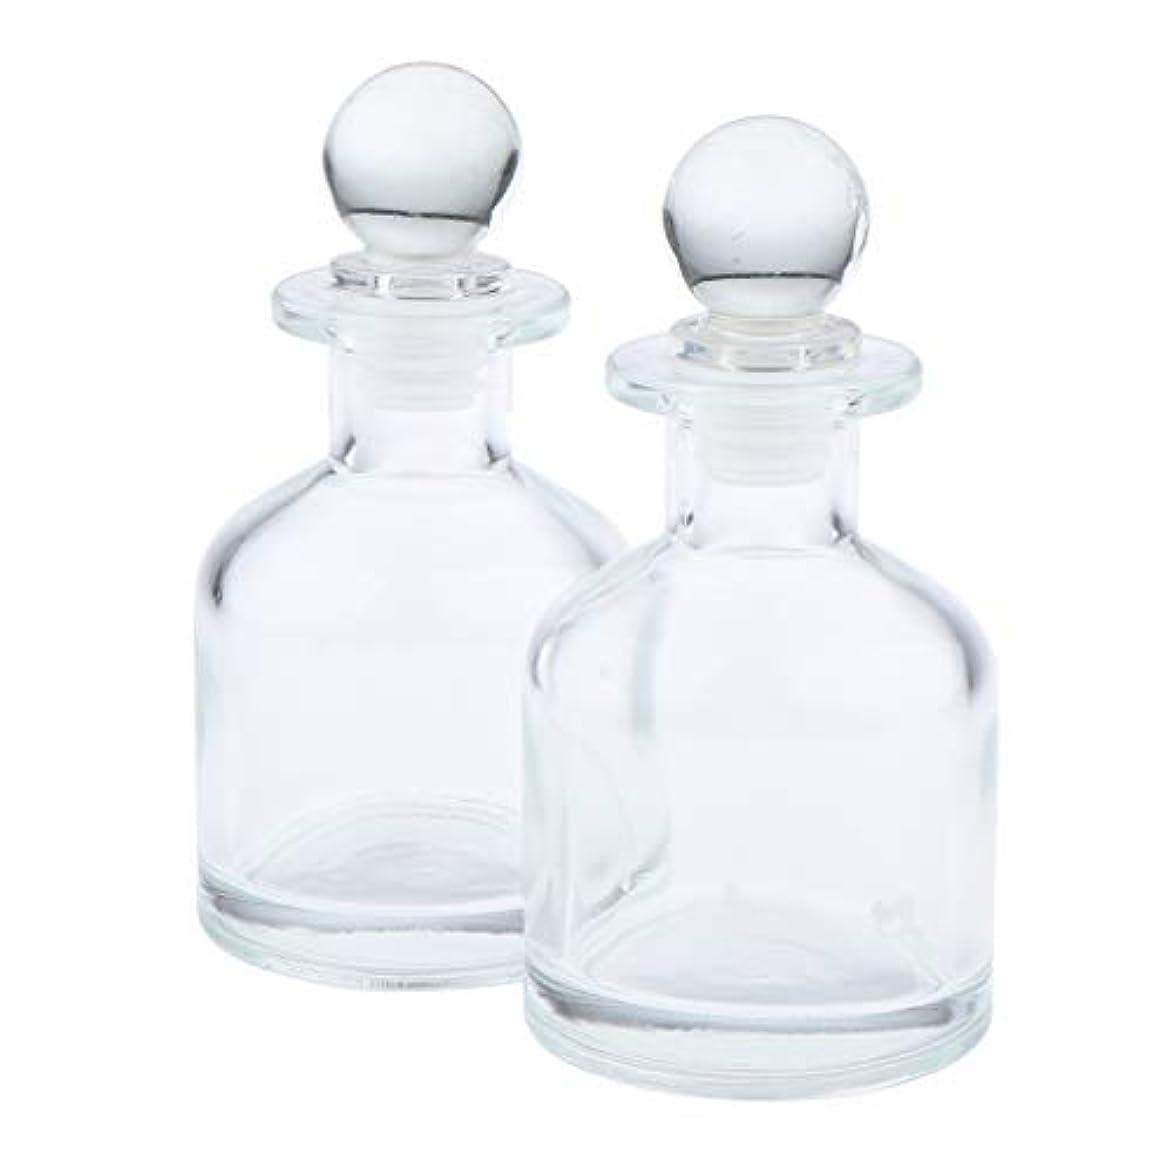 崩壊偽善者冗談でToygogo 香水ボトル ガラス エッセンシャルオイル ボトル 透明 丸い 香水瓶 2サイズ選べ - 130ミリリットル